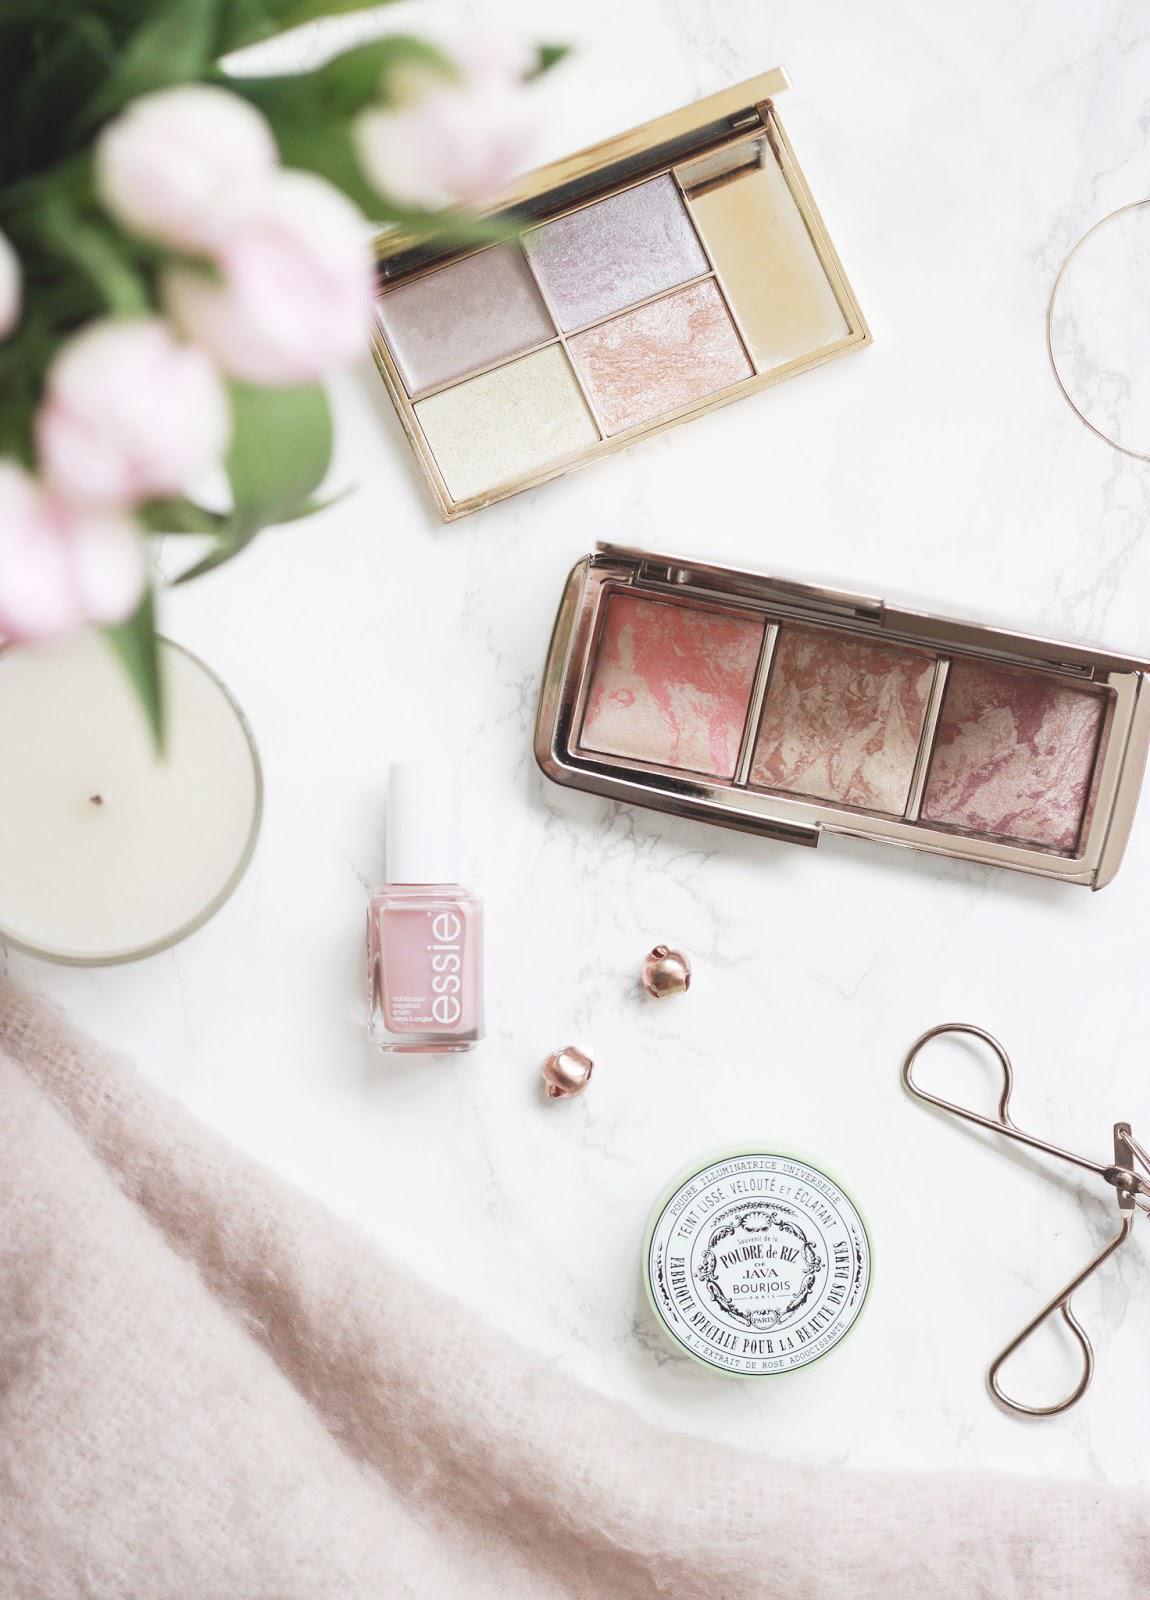 image9-9 | Руководство по покупке косметических продуктов: когда экономить и когда тратить?